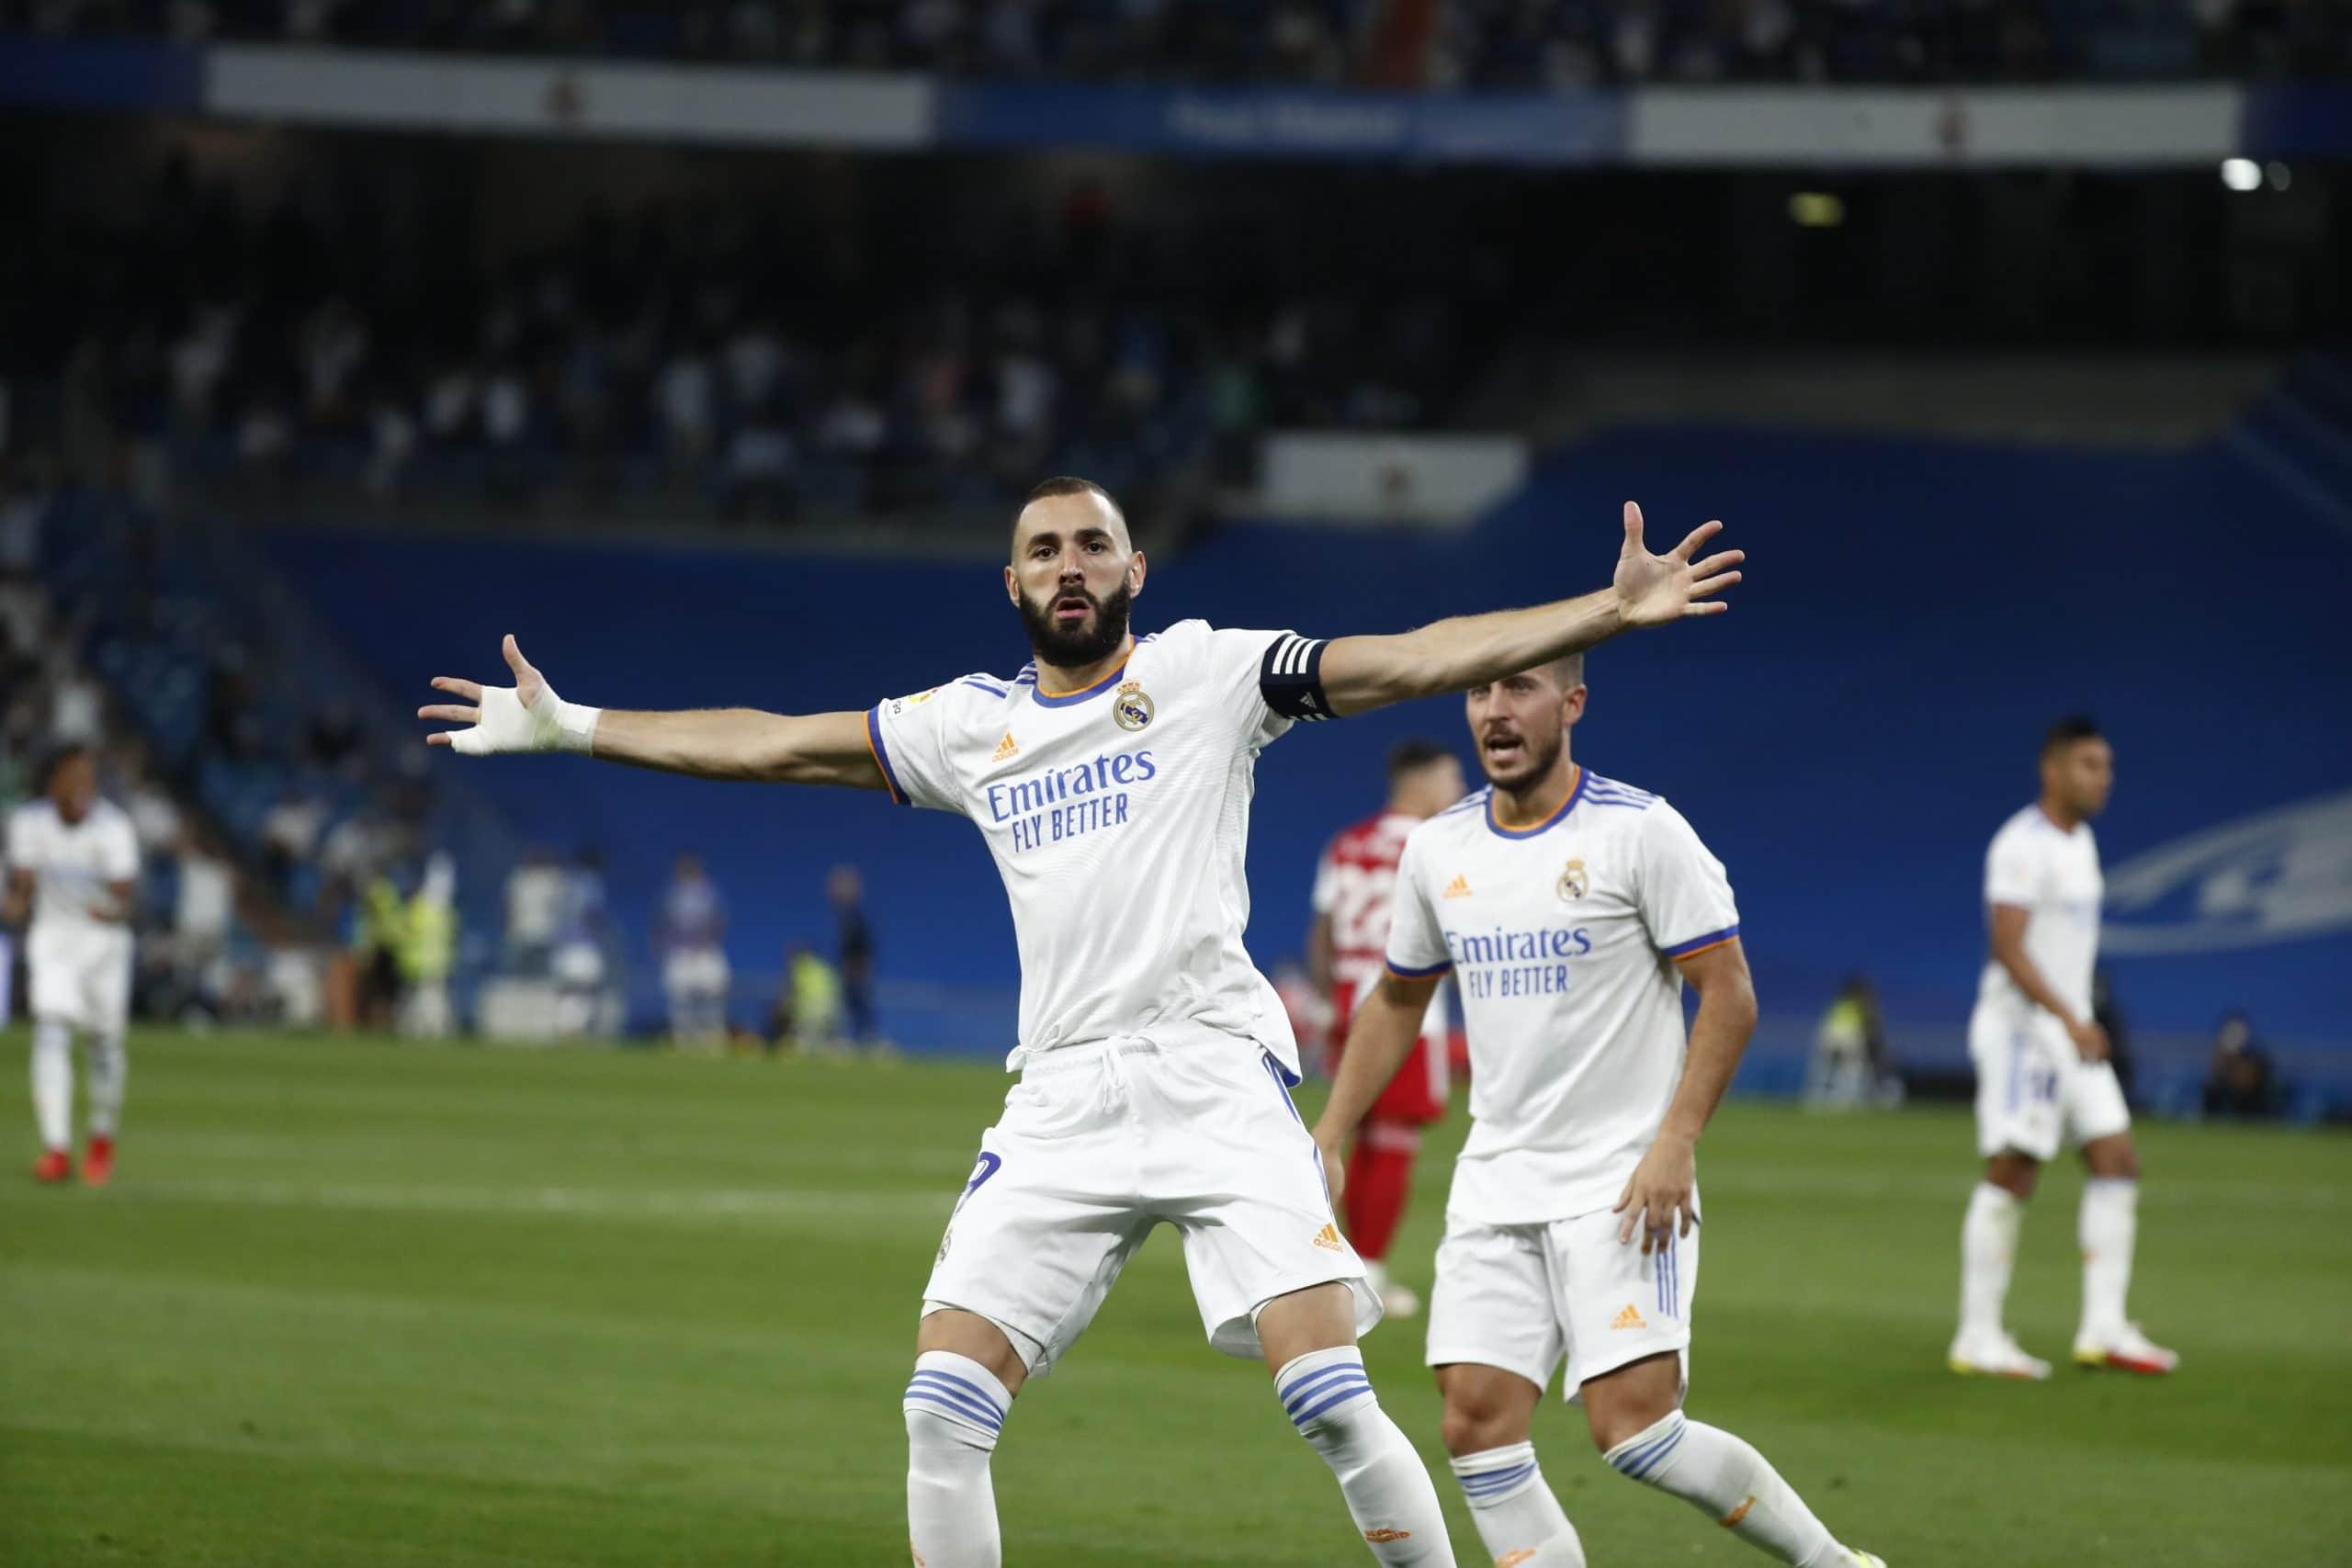 ريال مدريد ينتفض في وجه سيلتا فيغو بانتصار كبير (شاهد)